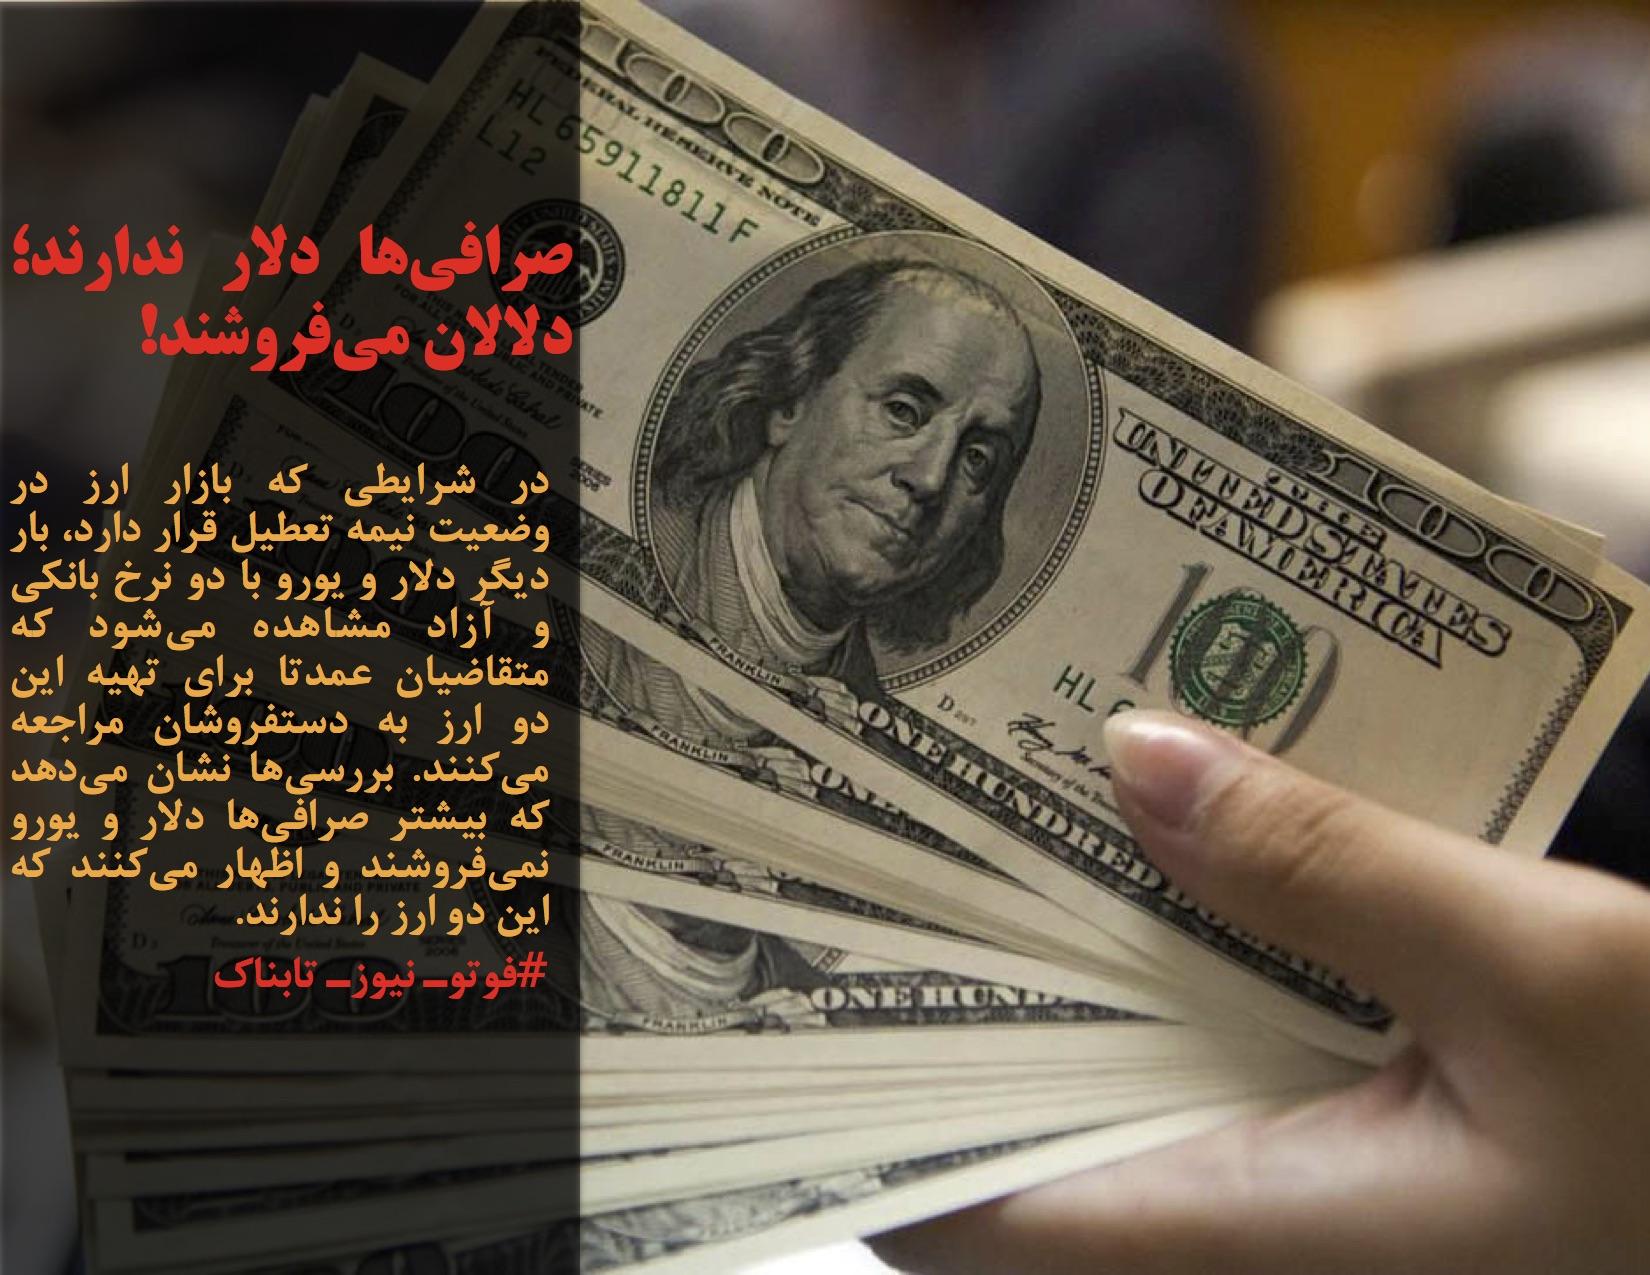 جریمه 5000 دلاری زمانی روی دست استقلال